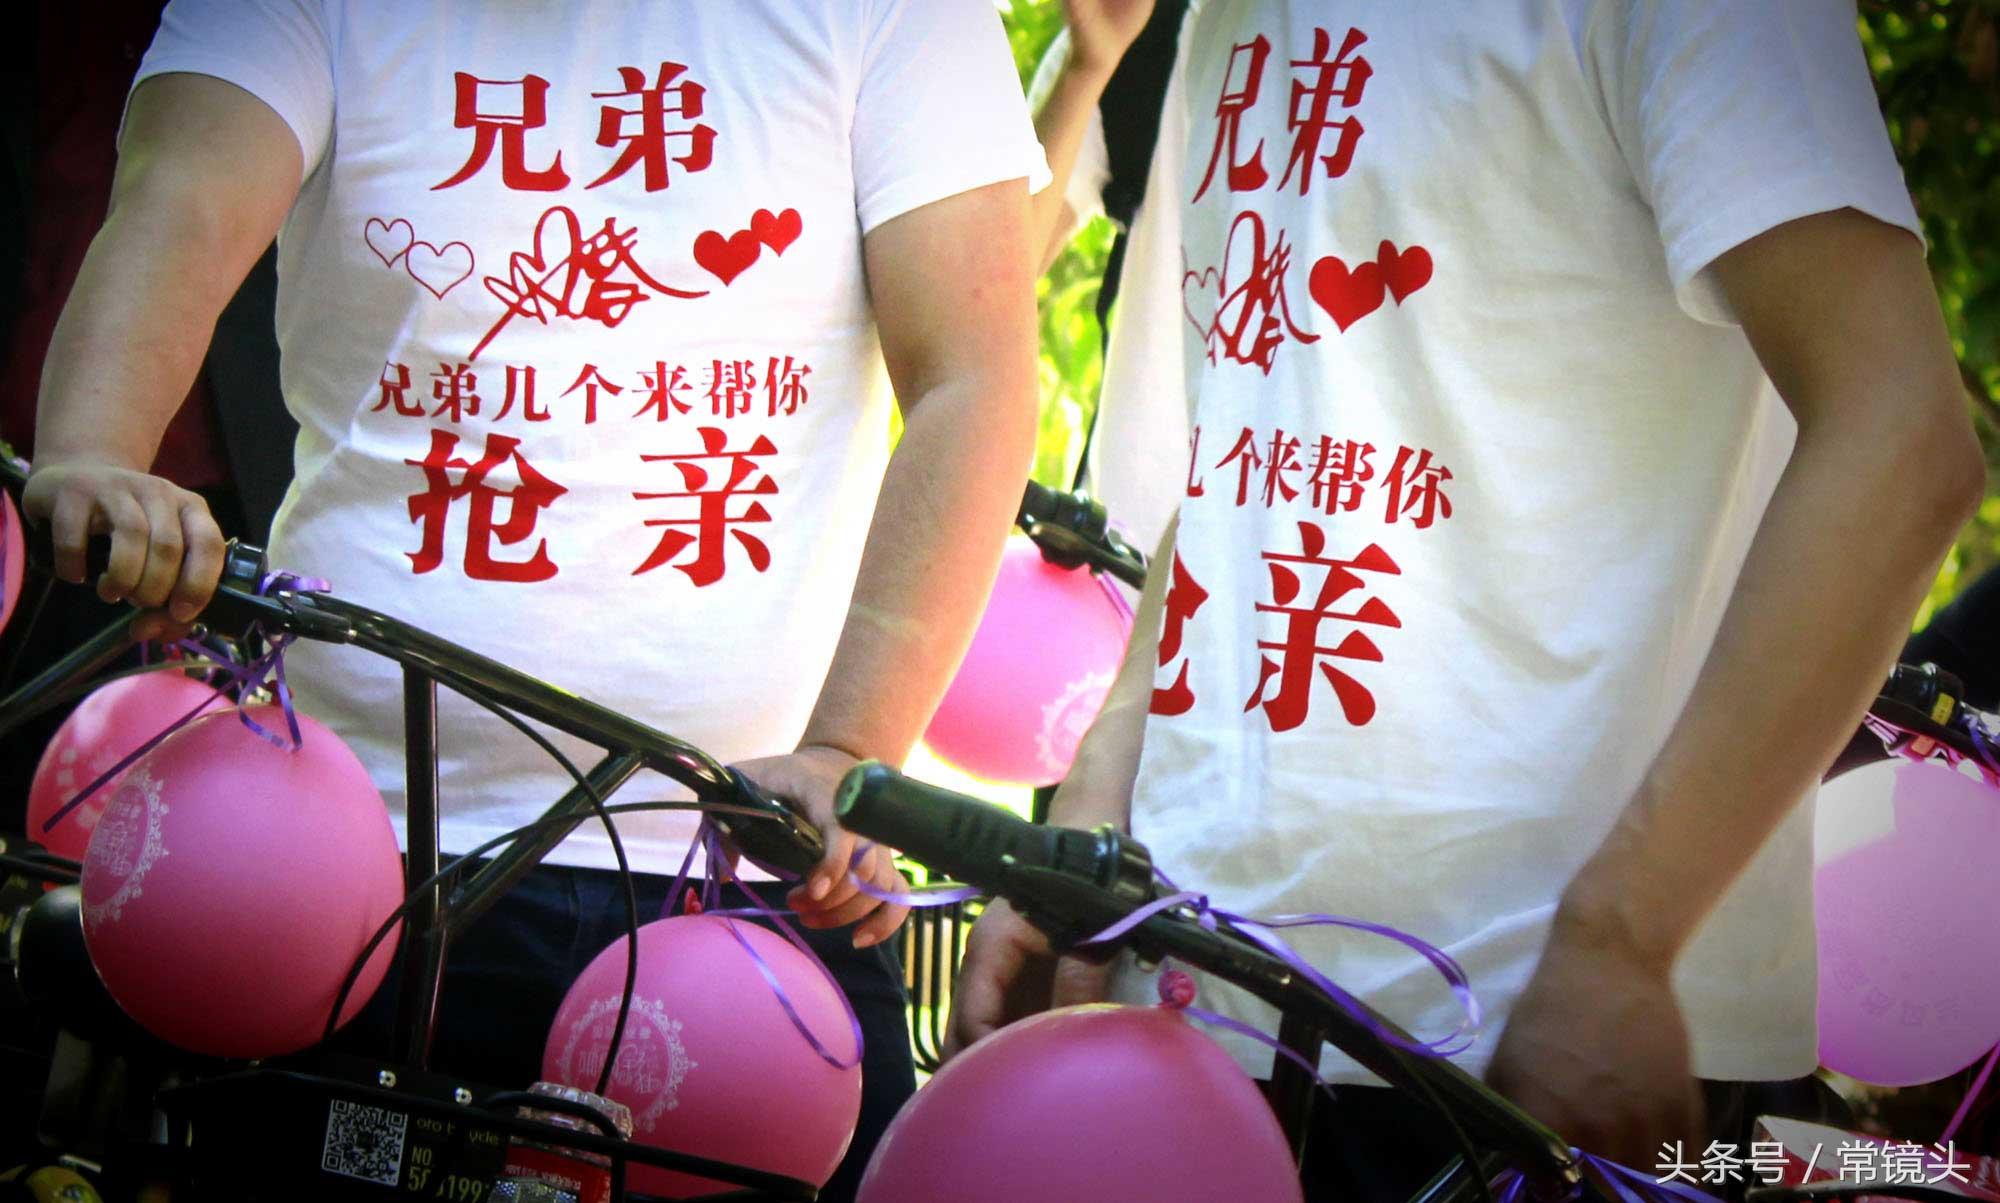 为了活跃婚礼现场气氛,一些朋友专门定做了趣味十足的迎亲T恤。